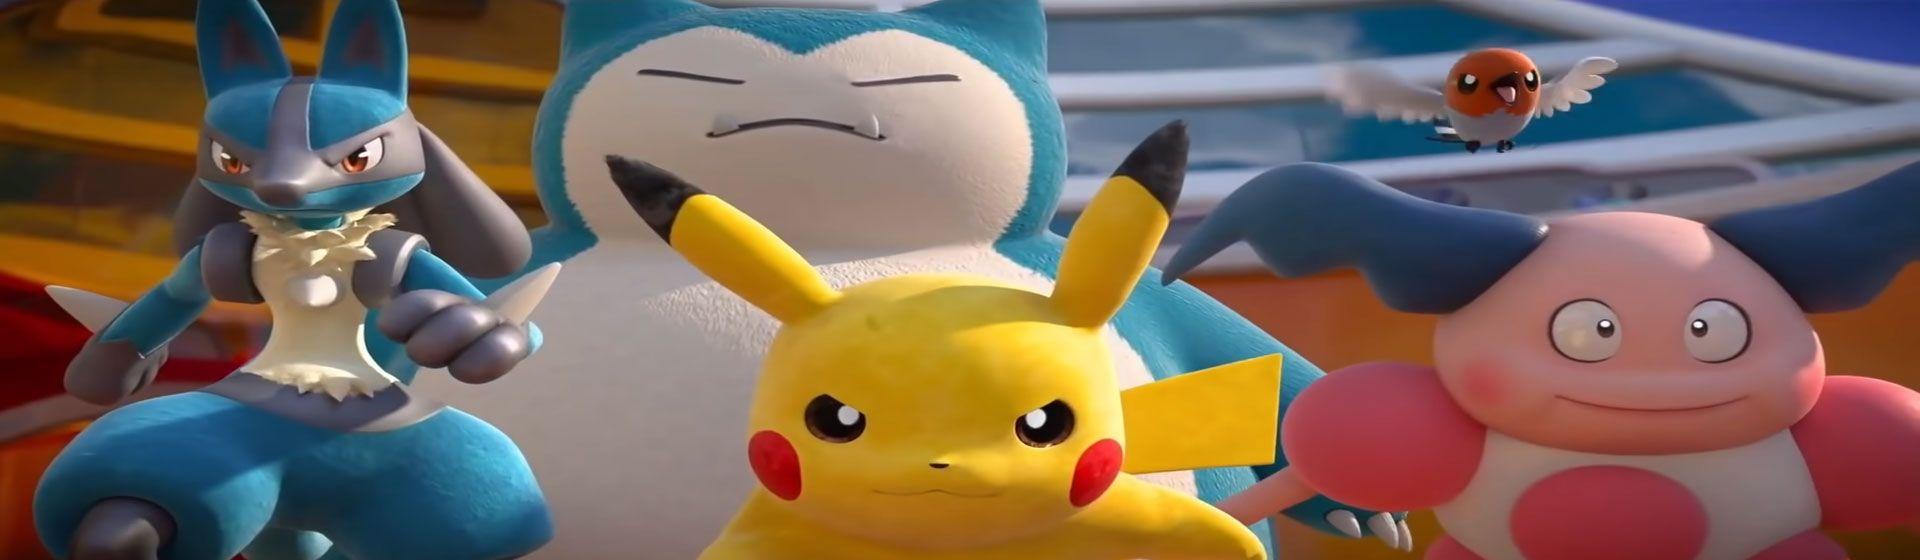 Pokémon Unite chega ao Nintendo Switch em breve